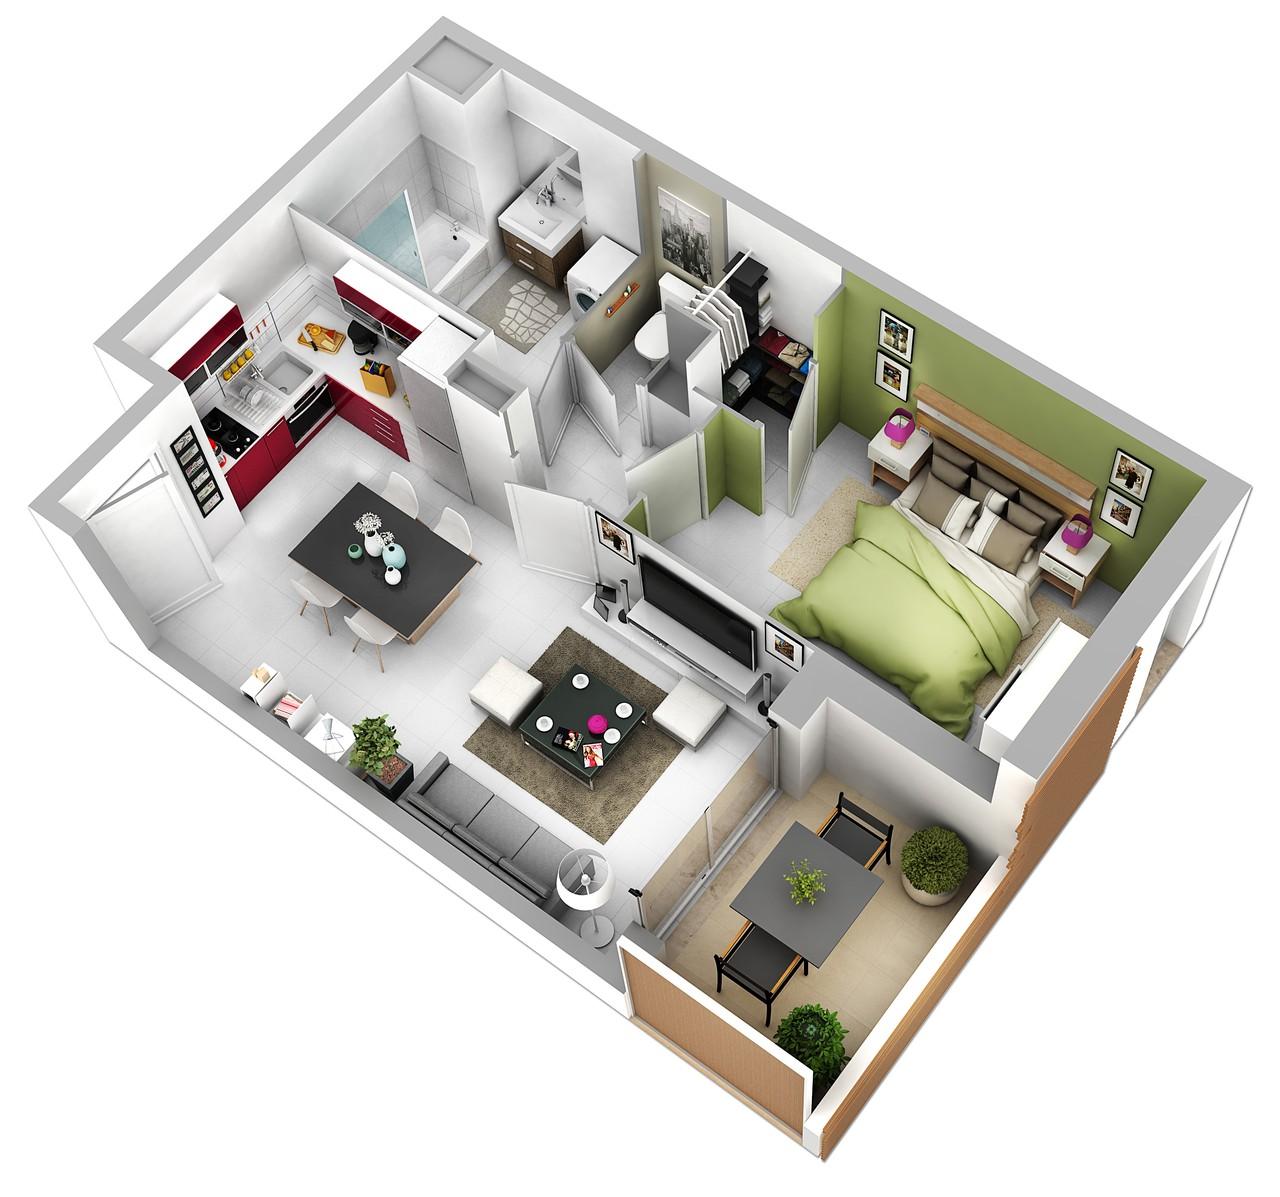 Acheter un appartement neuf montpellier et r aliser un r ve for Acheter un appartement neuf